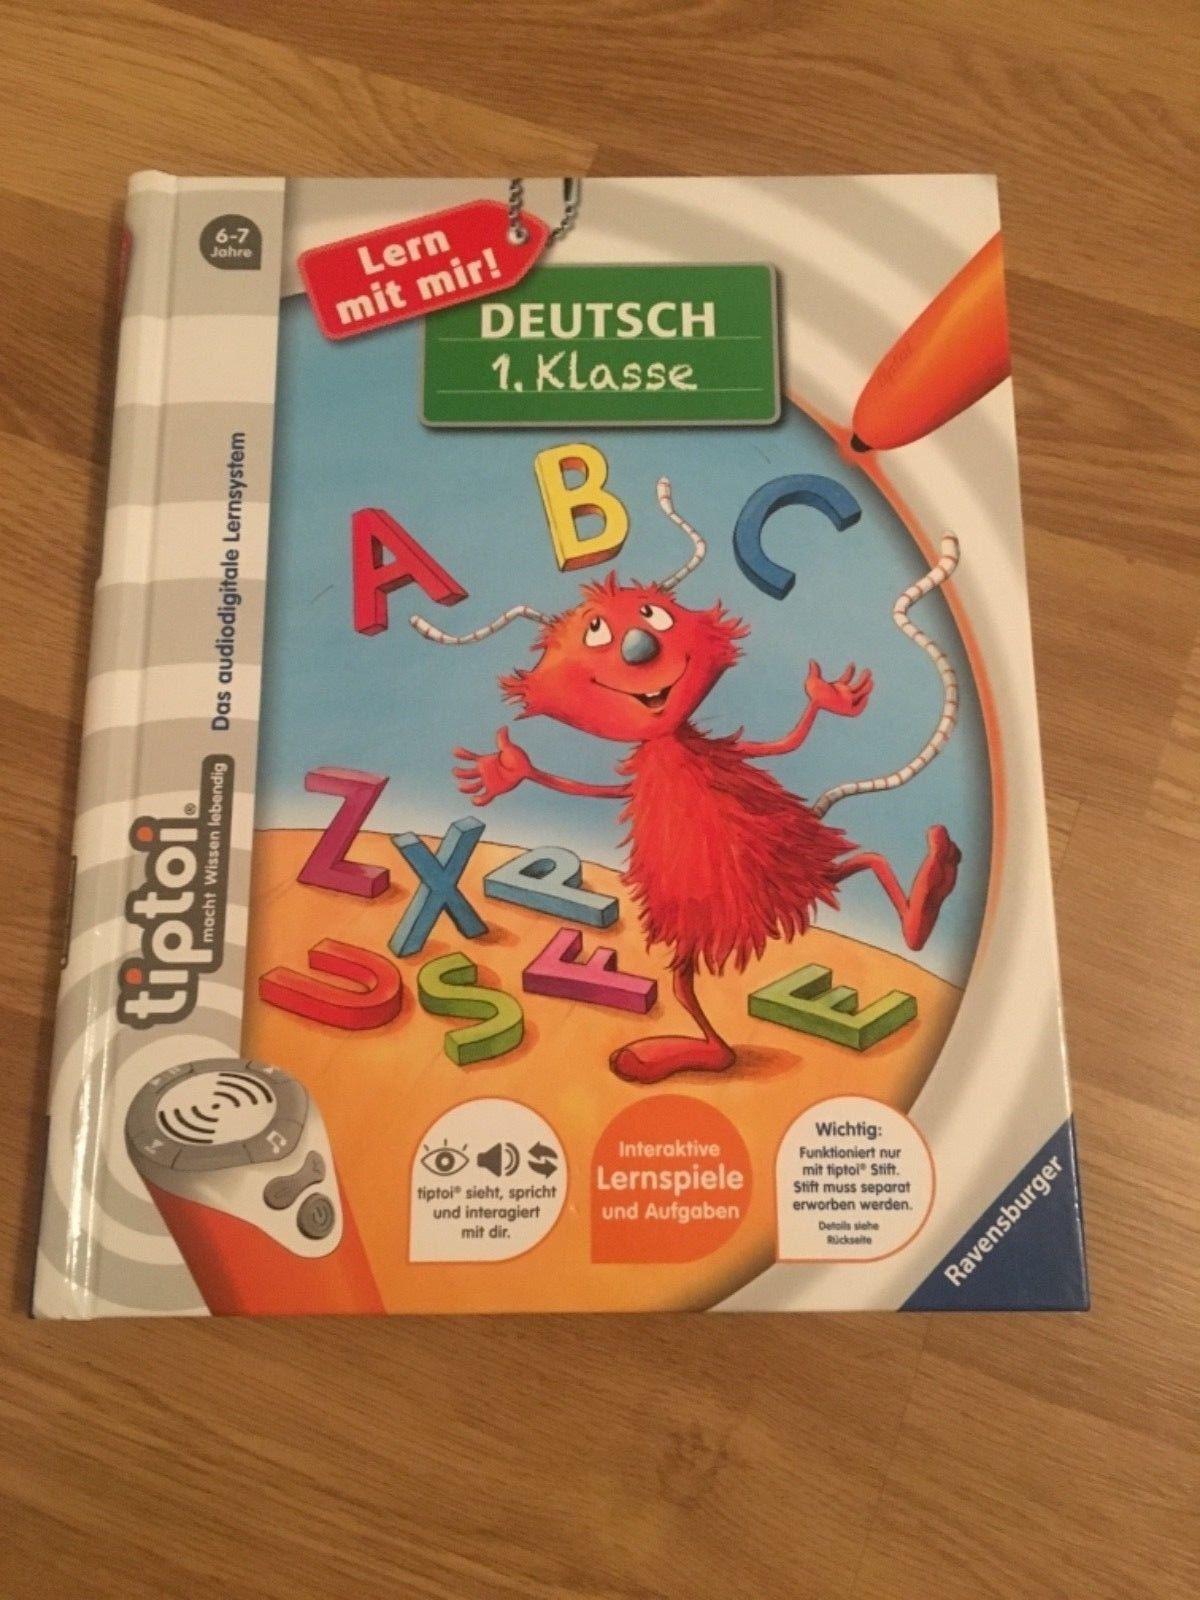 Tip Toi Buch DEUTSCH 1.Klasse TOP tiptoi